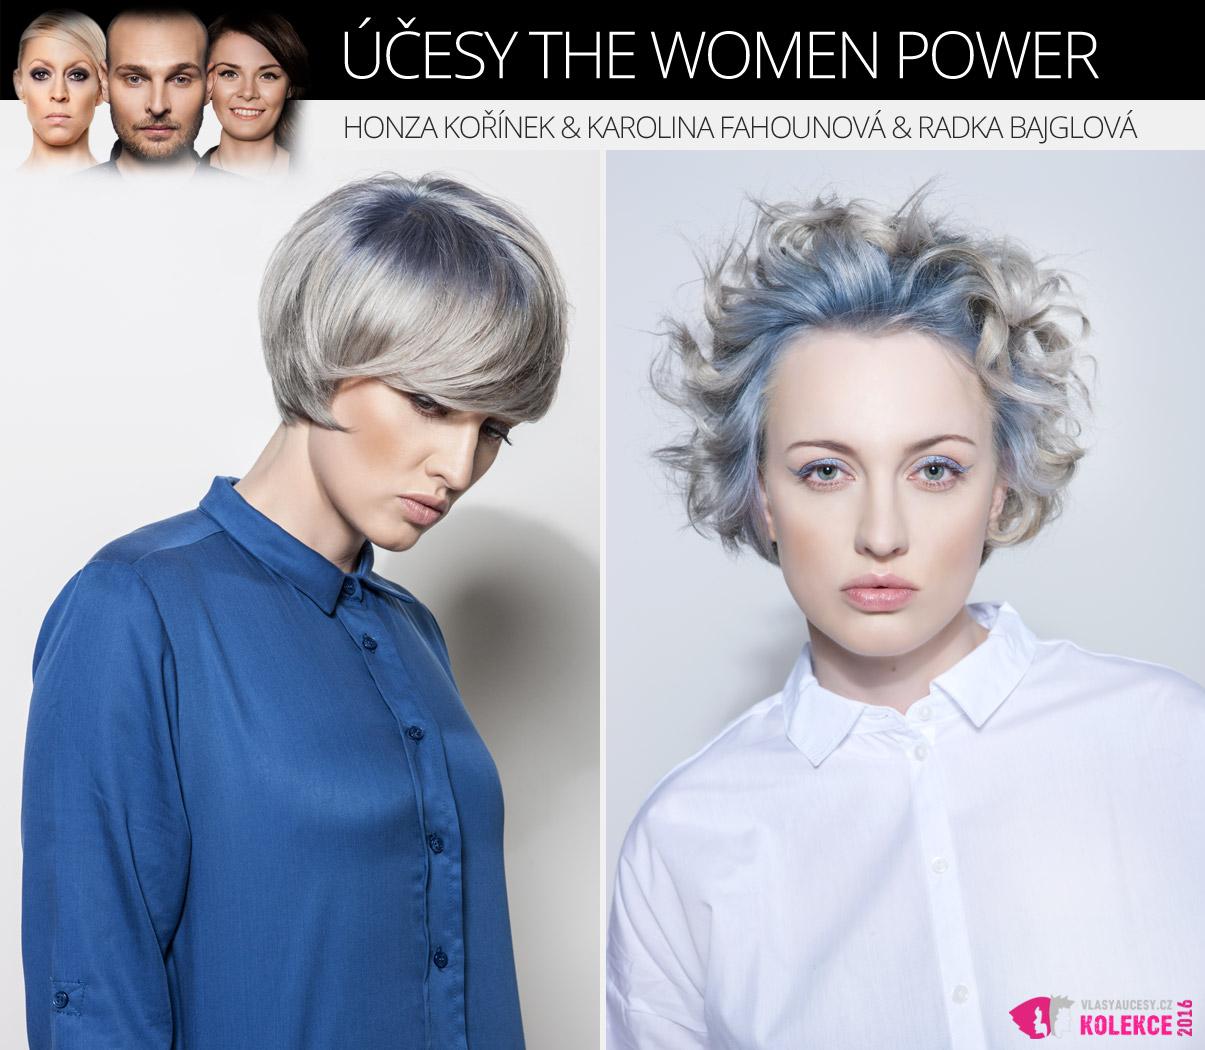 Candy blond jako kombinace blond a pastelových barev. V kolekci The Women Power by Honza Kořínek vidíte dokonalou kombinaci šedé blond se studeným modrým pastelem.